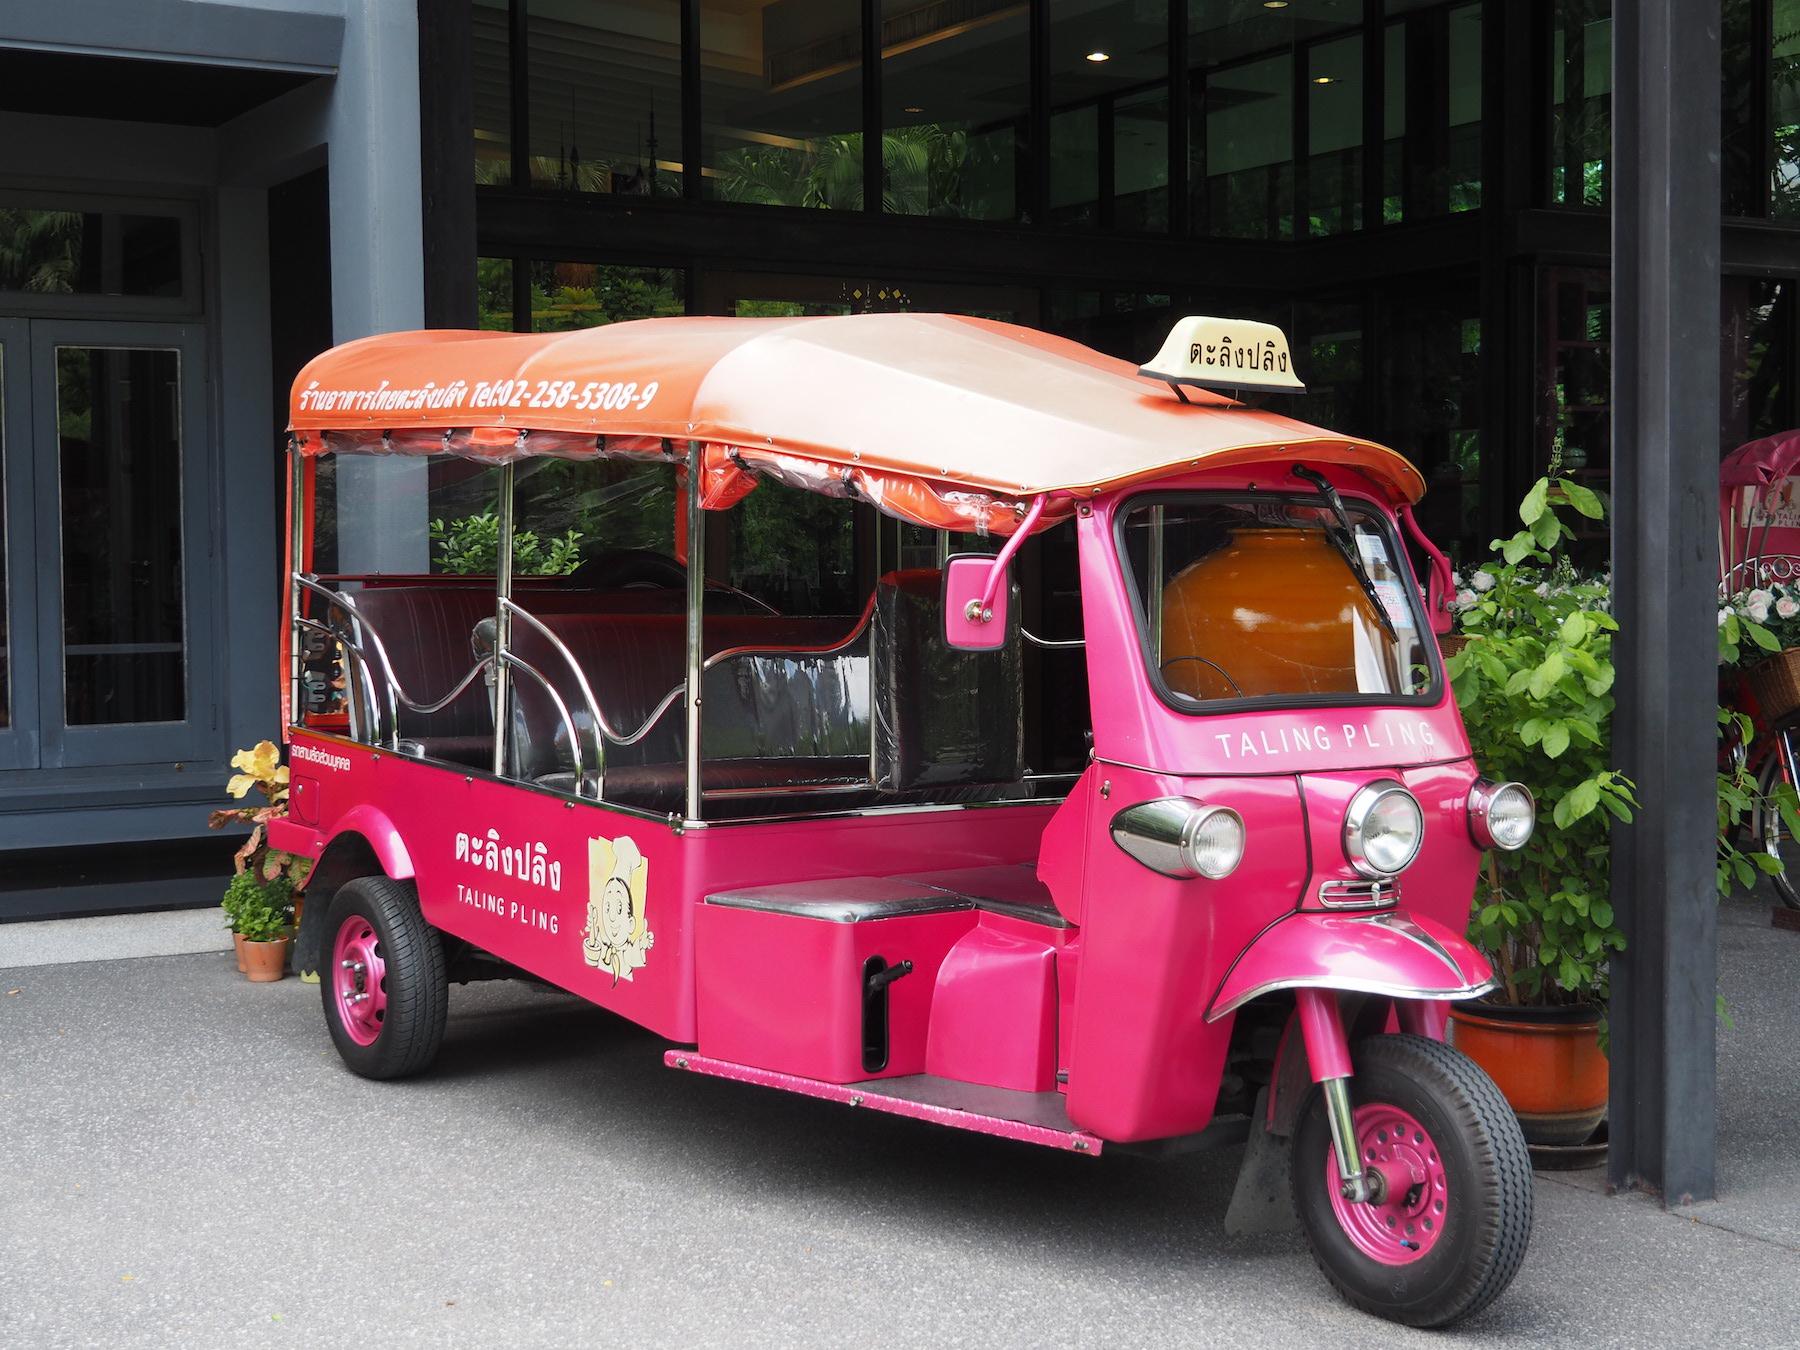 洒落た一軒家でカジュアルに楽しむタイ料理 30年に渡って親しまれるバンコクの人気レストラン「タリンプリン」